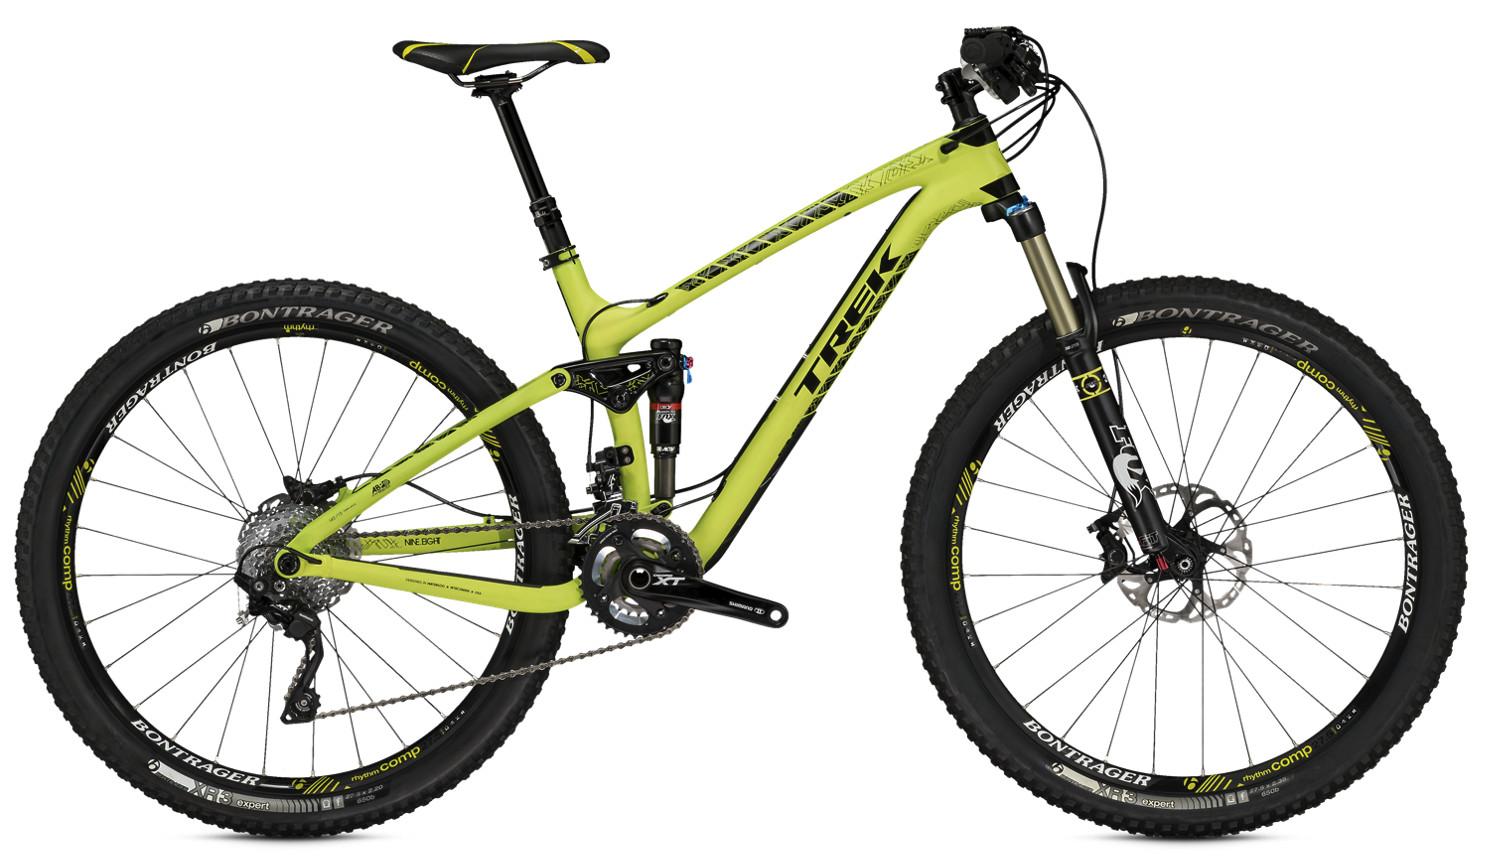 bike - 2015 Trek Fuel EX 9.8 27.5